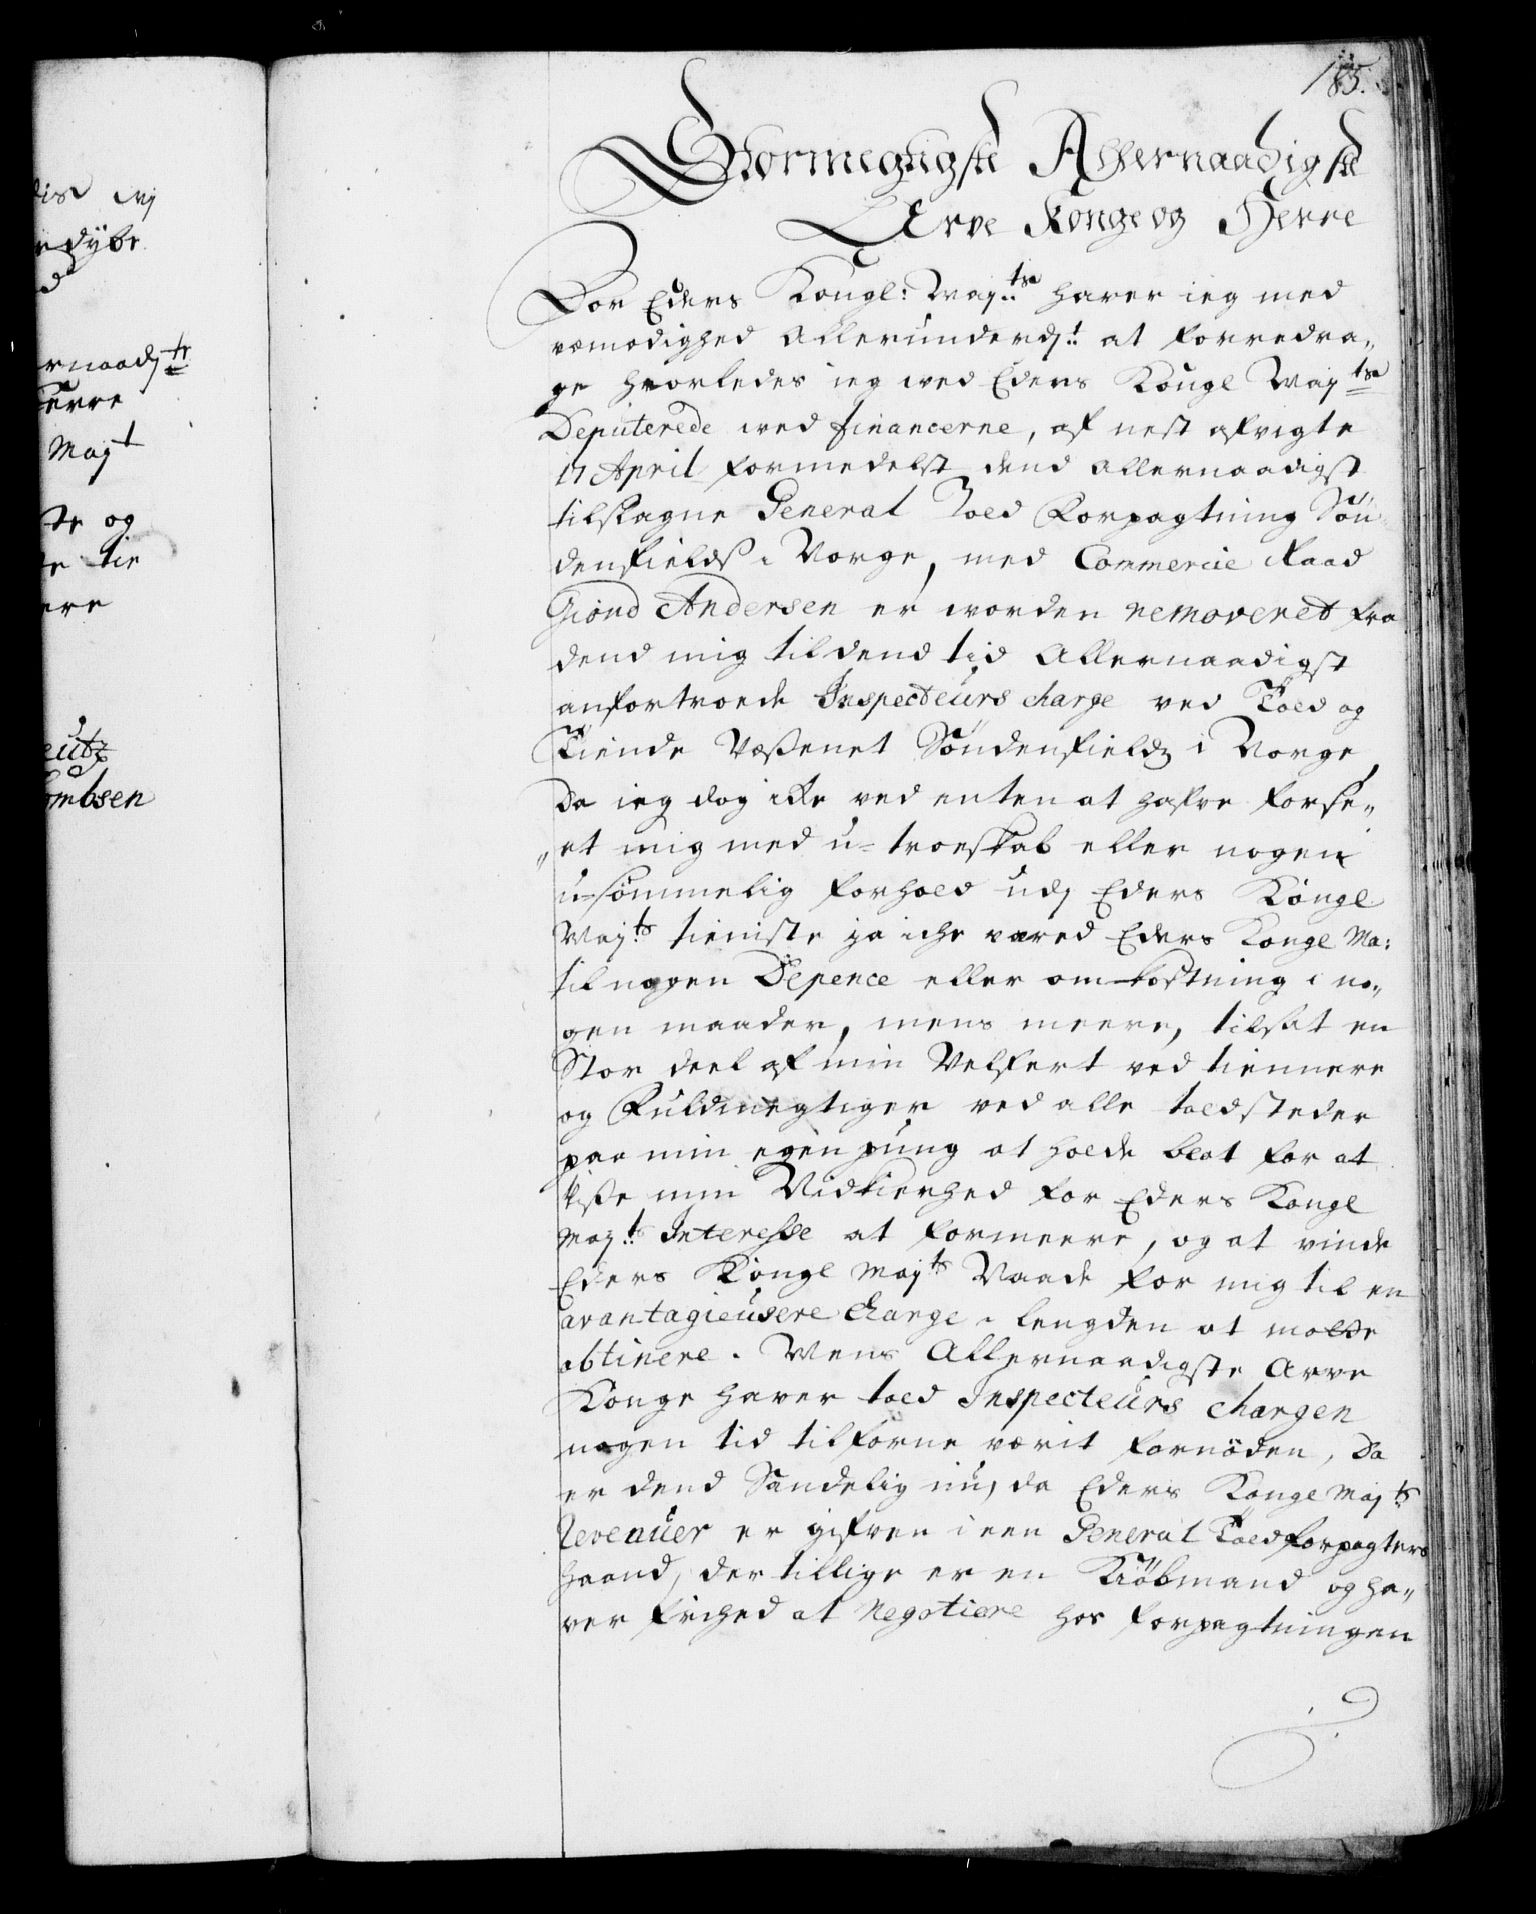 RA, Rentekammeret, Kammerkanselliet, G/Gf/Gfa/L0001: Resolusjonsprotokoll med register (merket RK 52.1), 1695-1706, s. 185